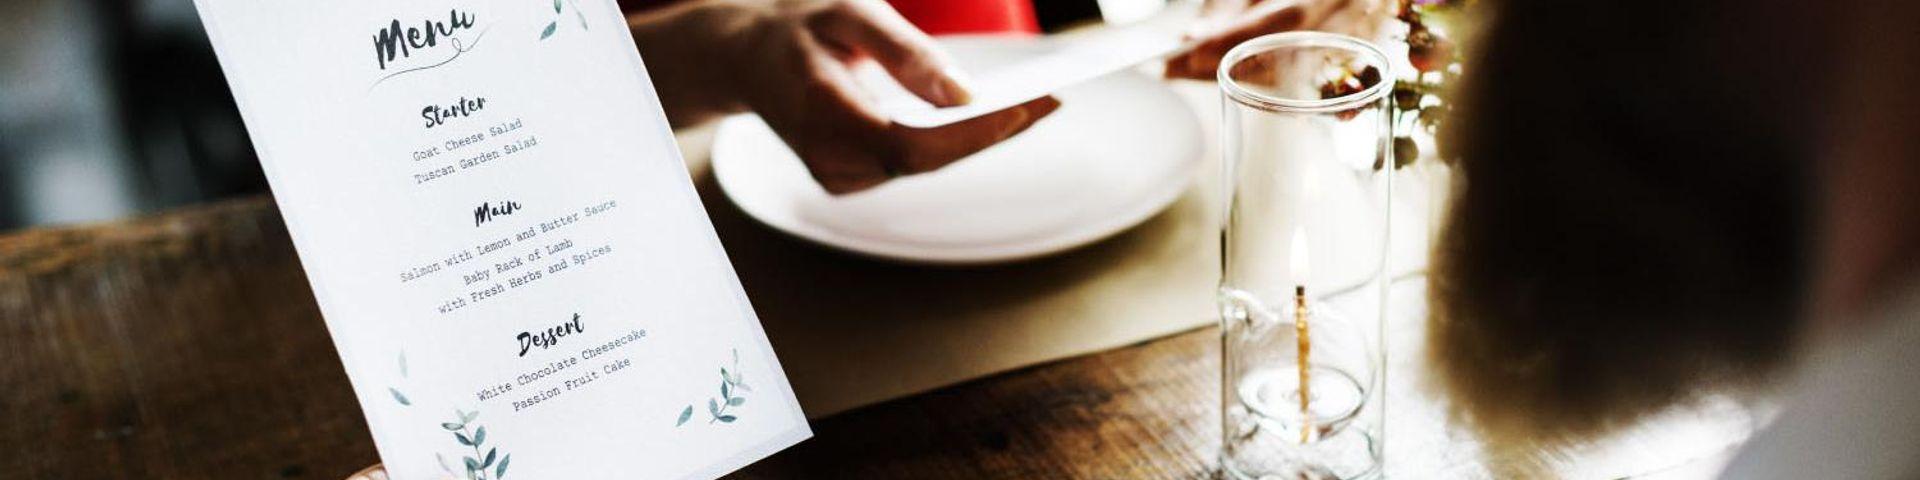 Diseño y Elaboración de Cartas y Menús